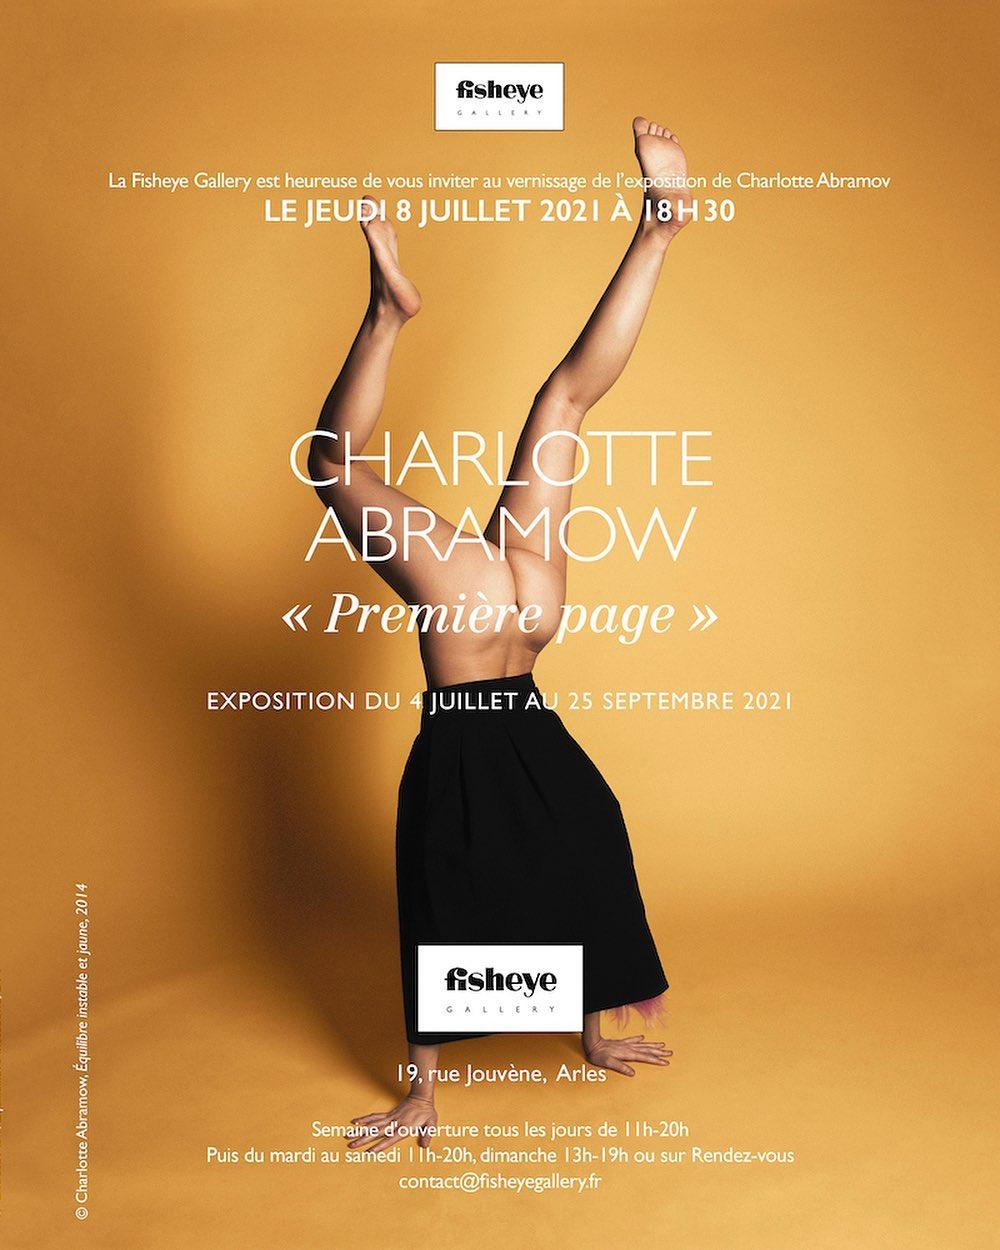 """Affiche événementielle pour l'exposition """"Première page"""" de Charlotte Abramow"""